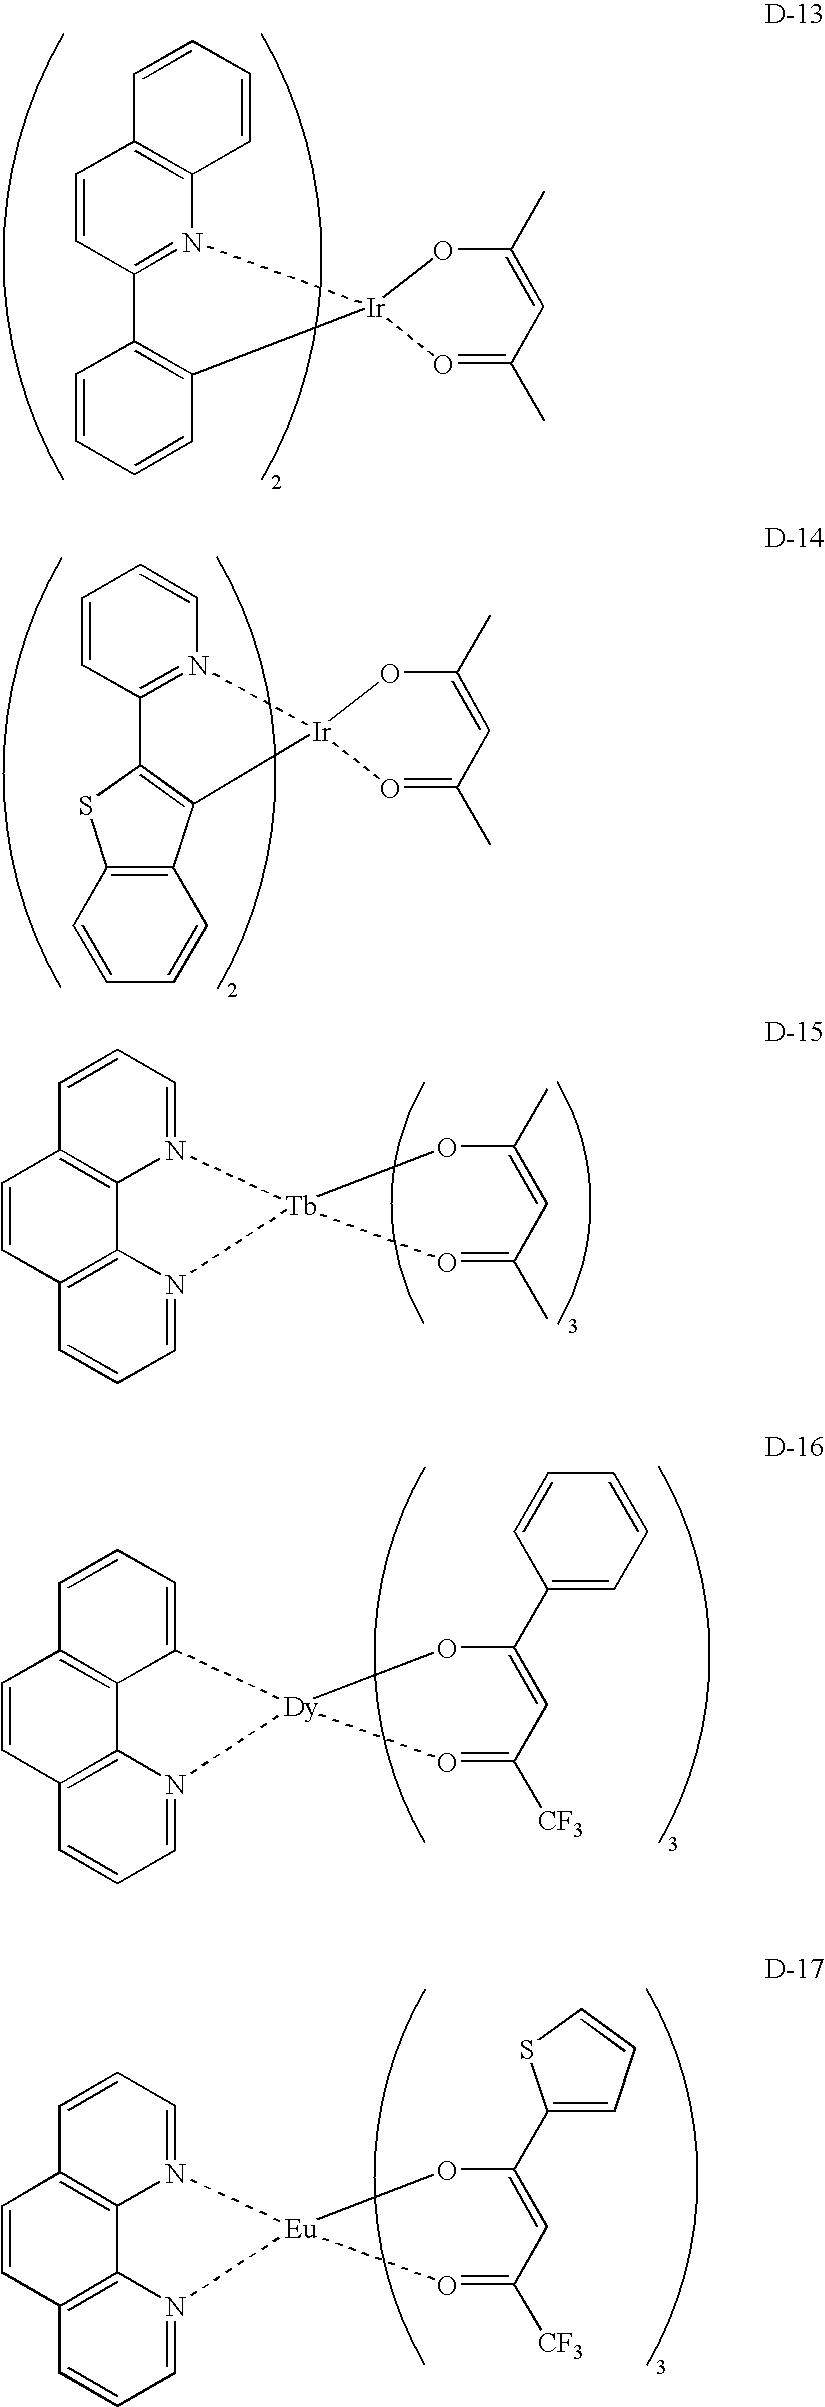 Figure US20060134464A1-20060622-C00031